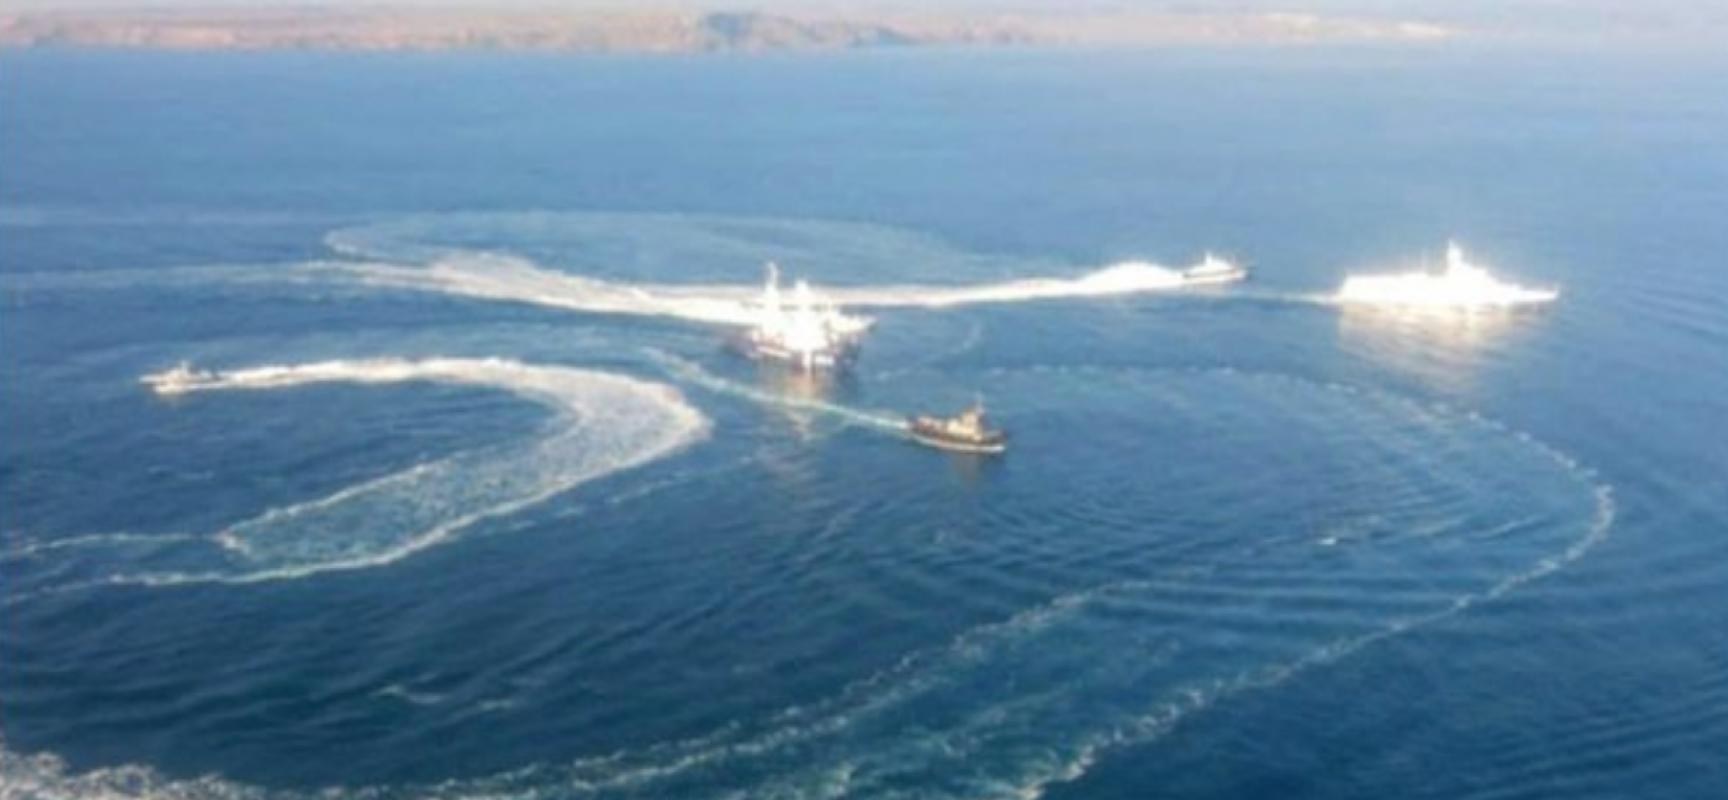 Falso: El ataque en el estrecho de Kerch fue una provocación de Ucrania